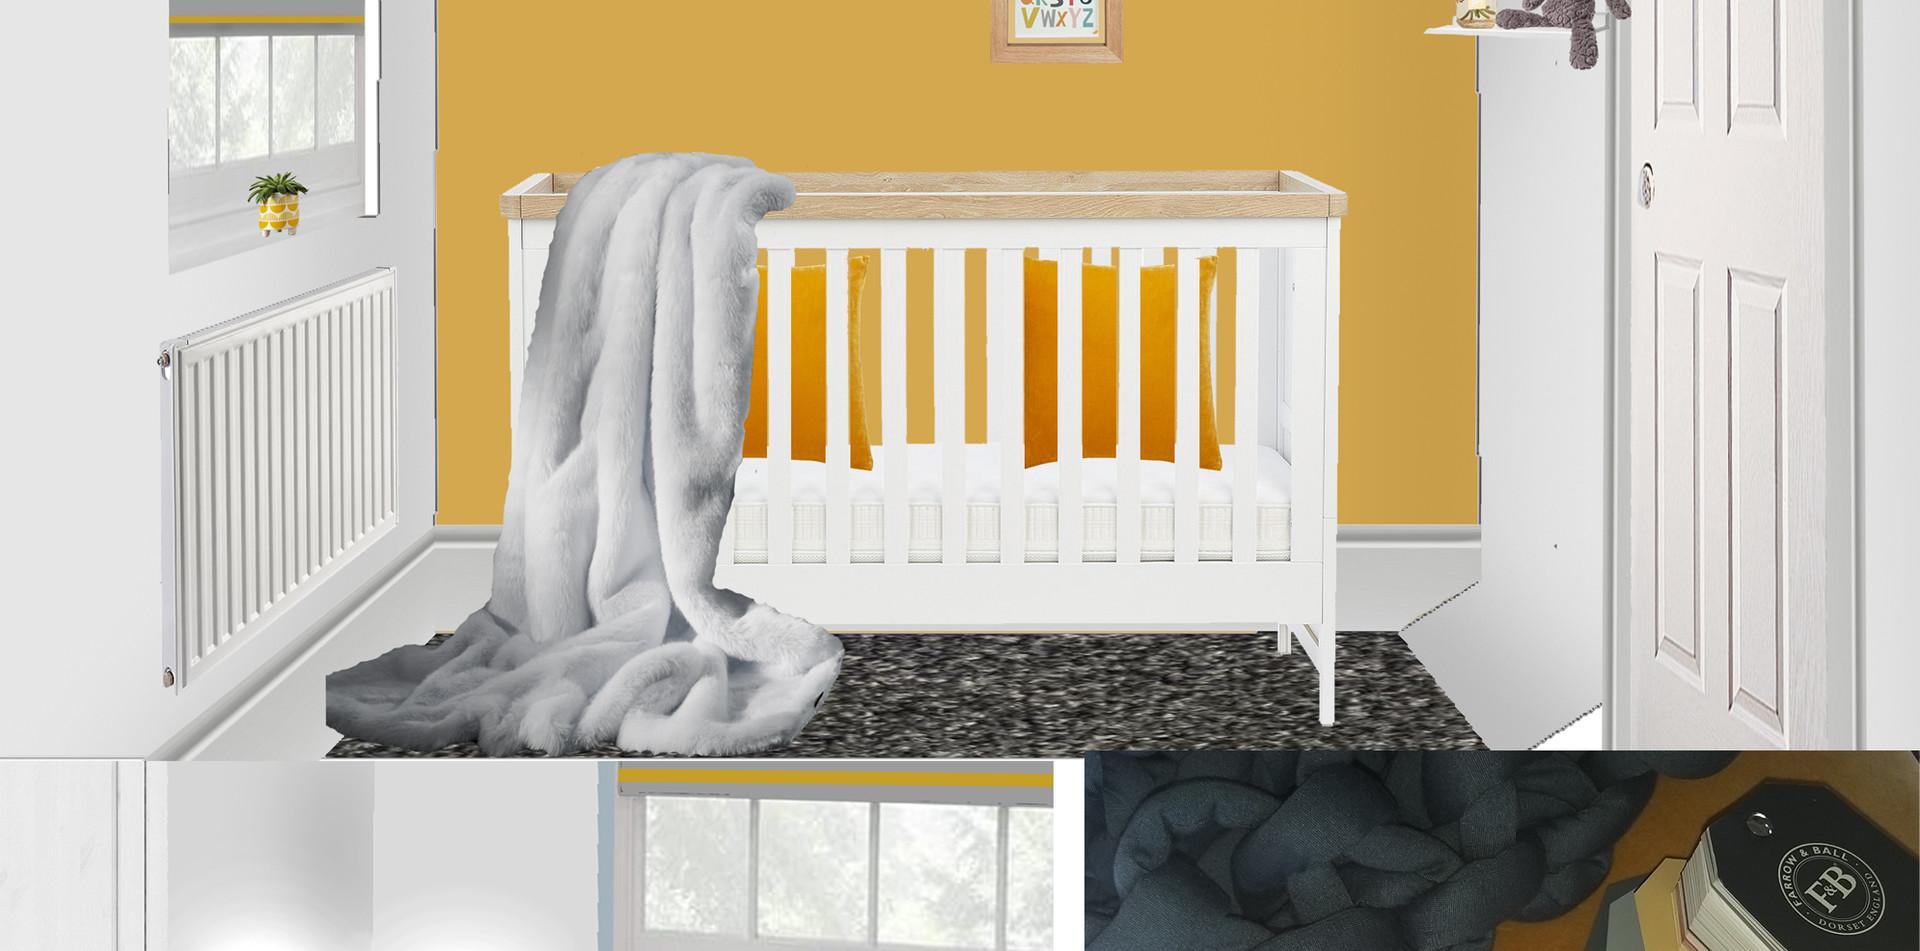 Nursery Visual and Selection